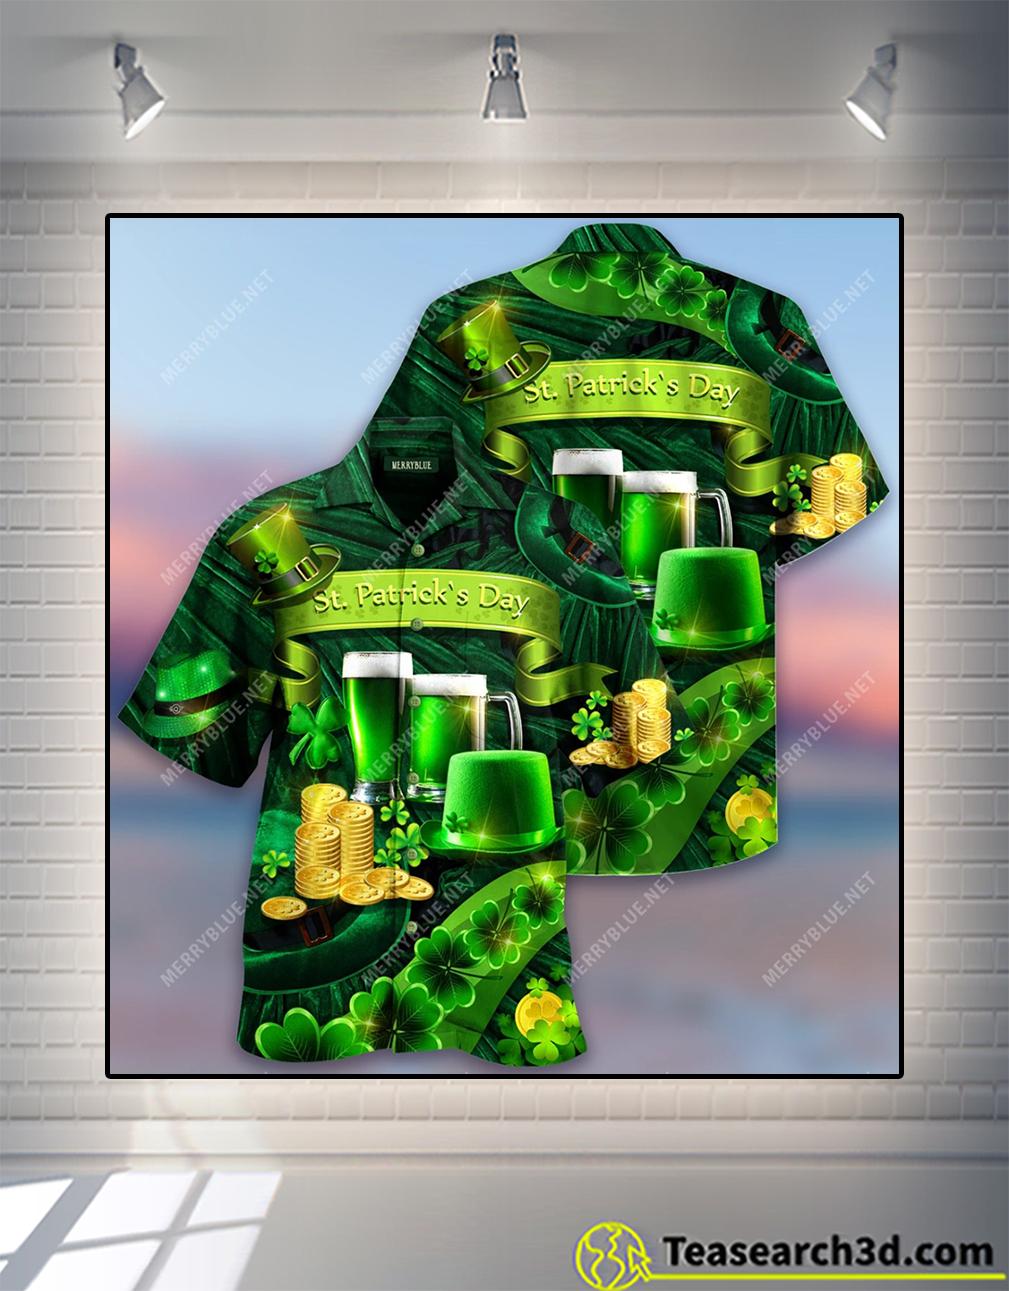 Happy saint patrick's day 17 March 2021 Unisex hawaiian shirt